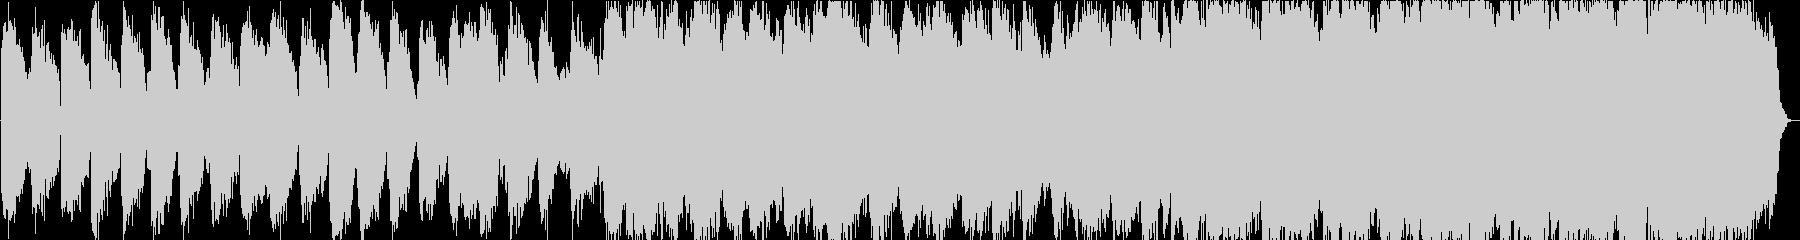 自然の笛のヒーリングミュージックの未再生の波形